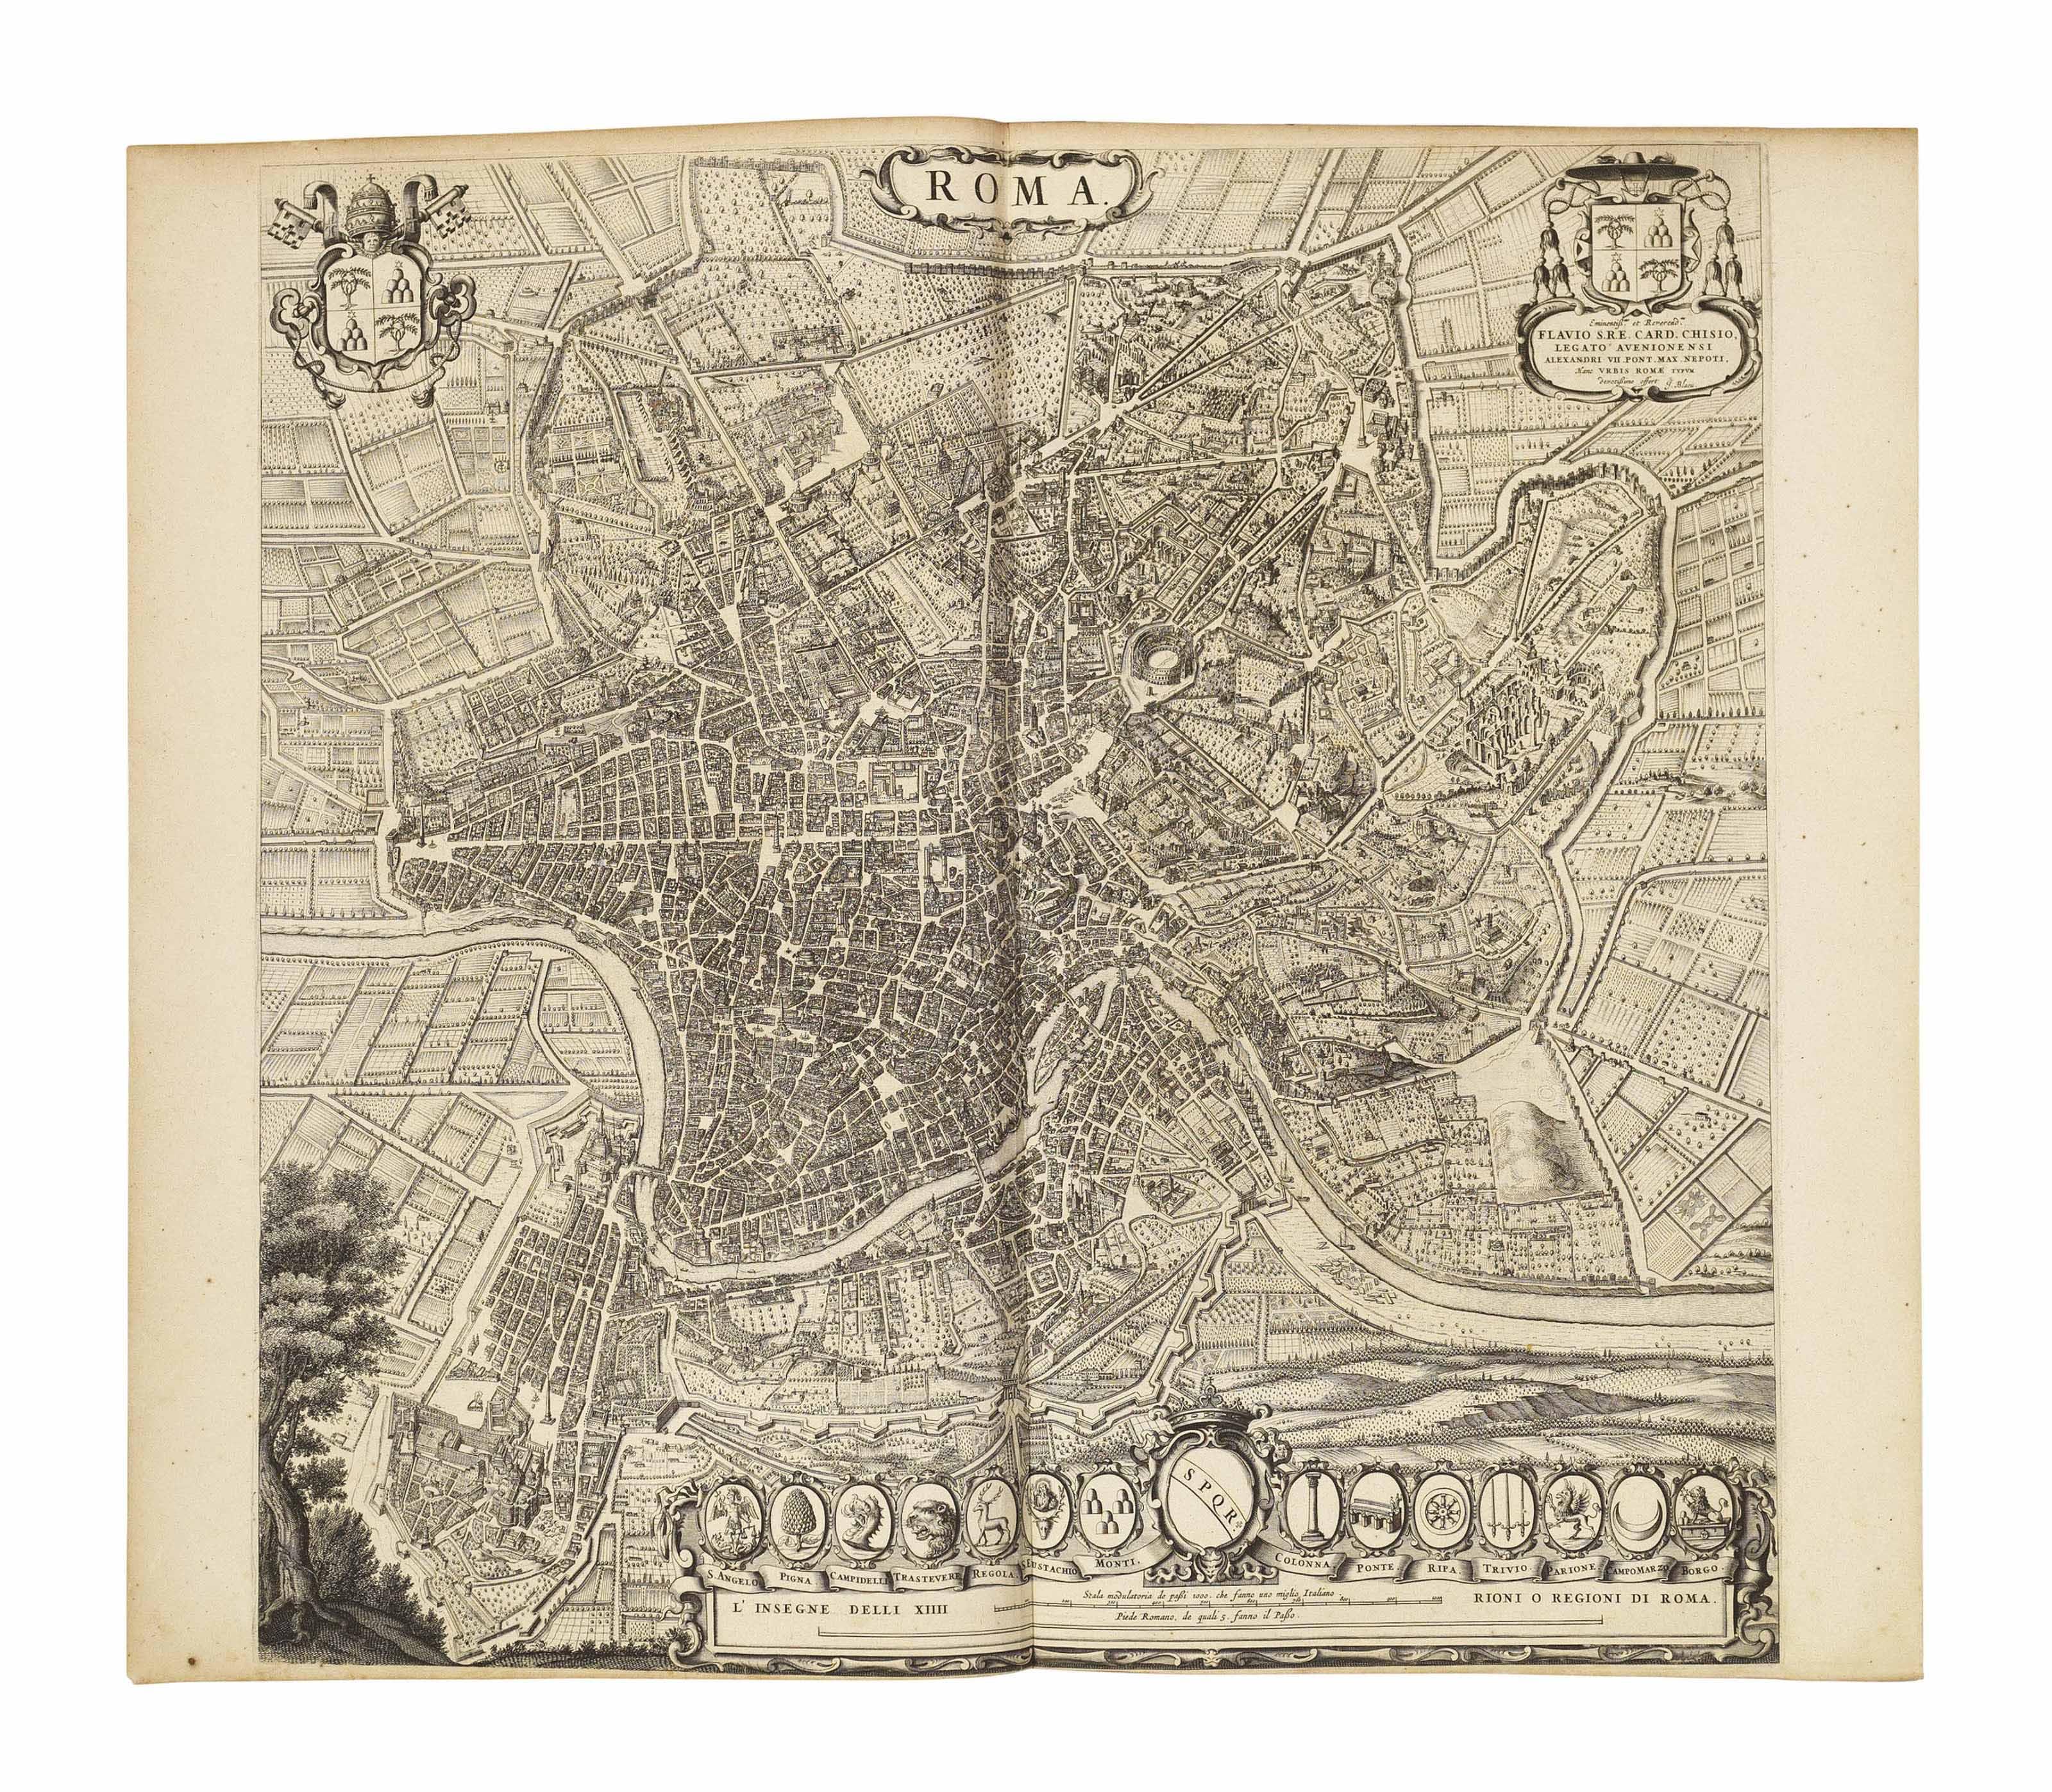 BLAEU, Johannes (1596-1673). Theatrum Civitatum et Admirandorum Italiae. Amsterdam: Johannes Blaeu, 1663.